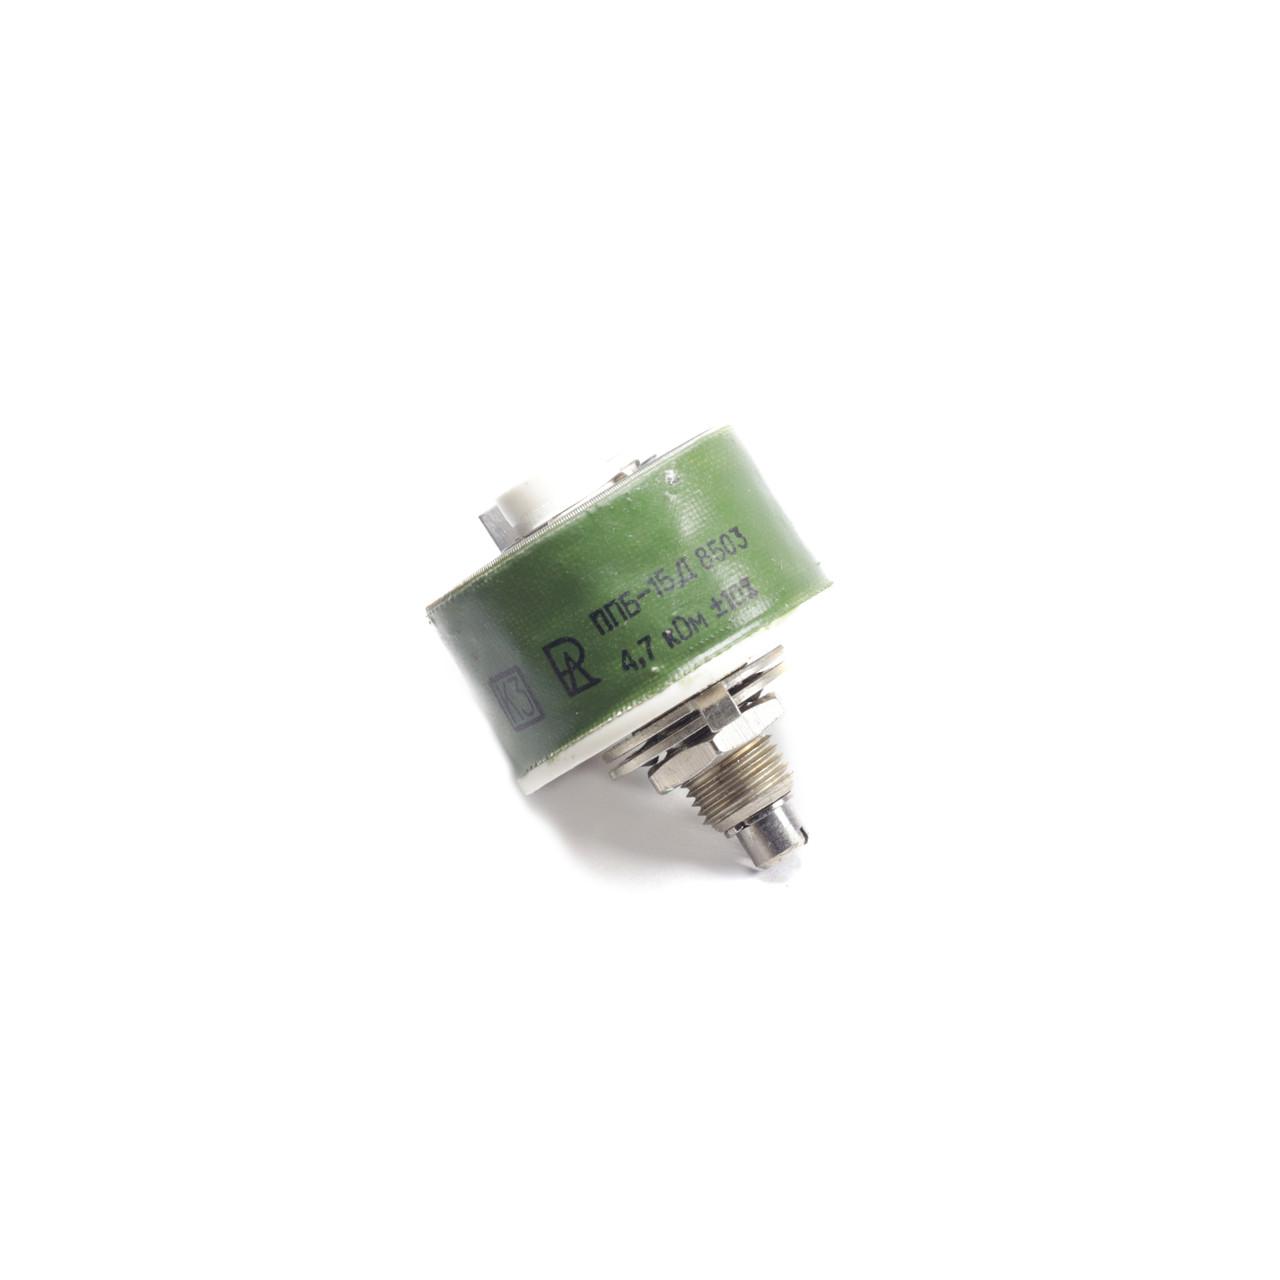 Резистор ППБ -15Д-15Вт 4,7 кОм